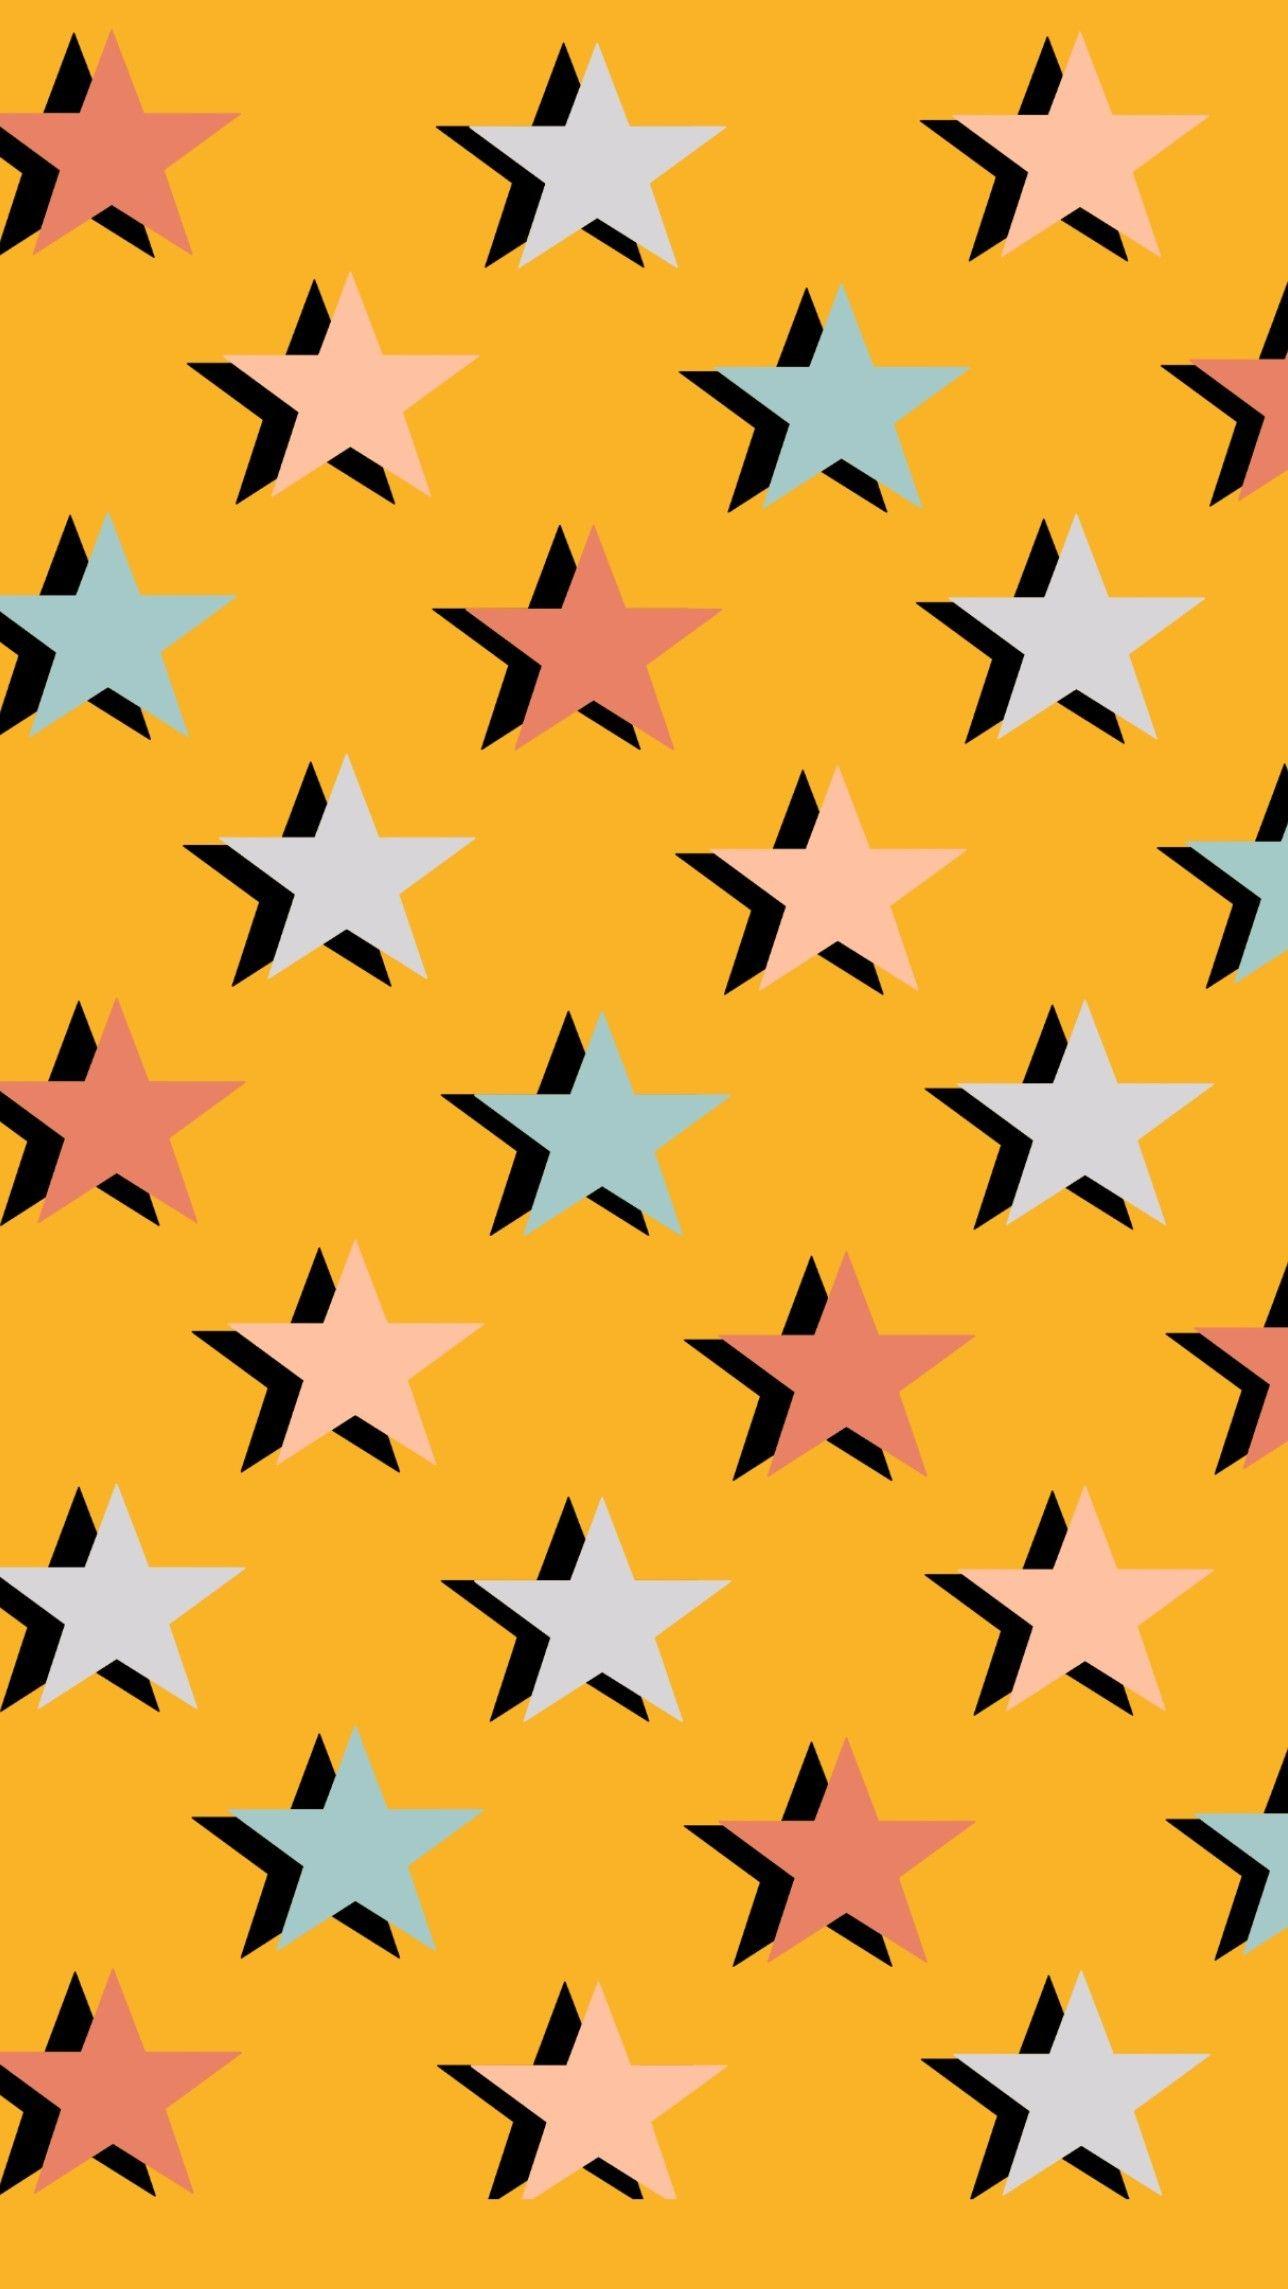 Stars Wallpaper Iphone Wallpaper Vsco Aesthetic Iphone Wallpaper Star Wallpaper